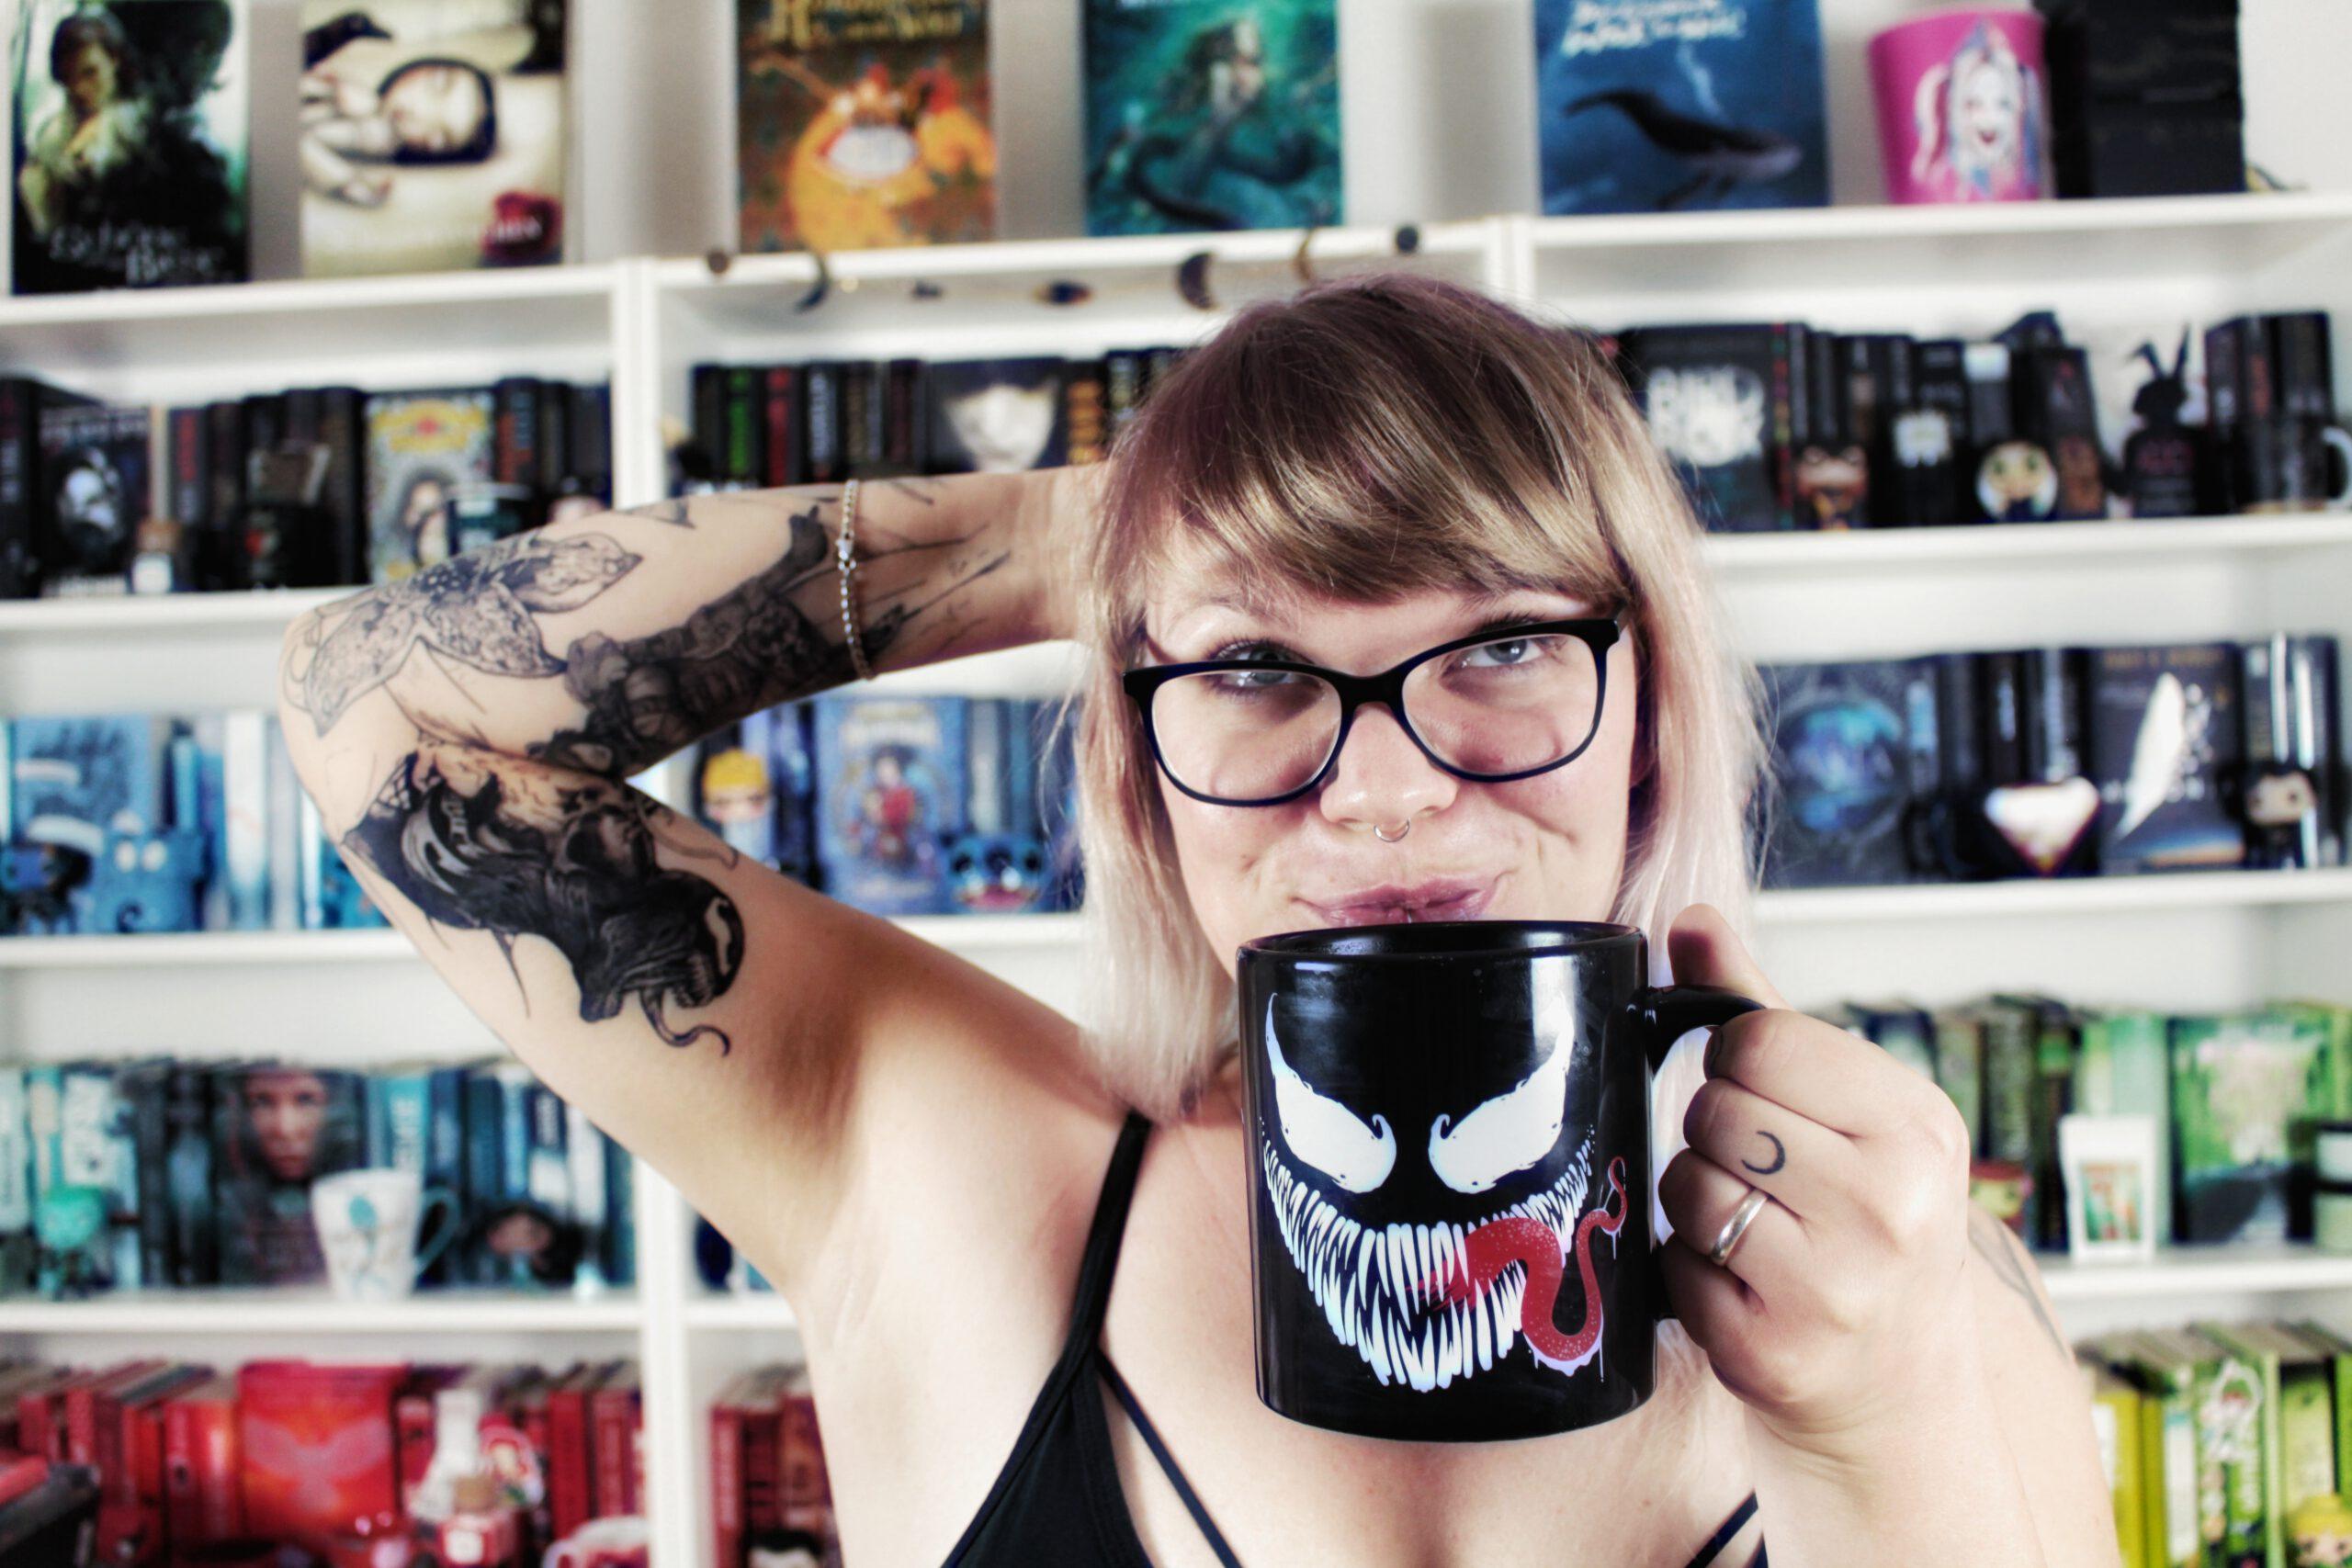 [Wochenrückblick] Wir sind Venom